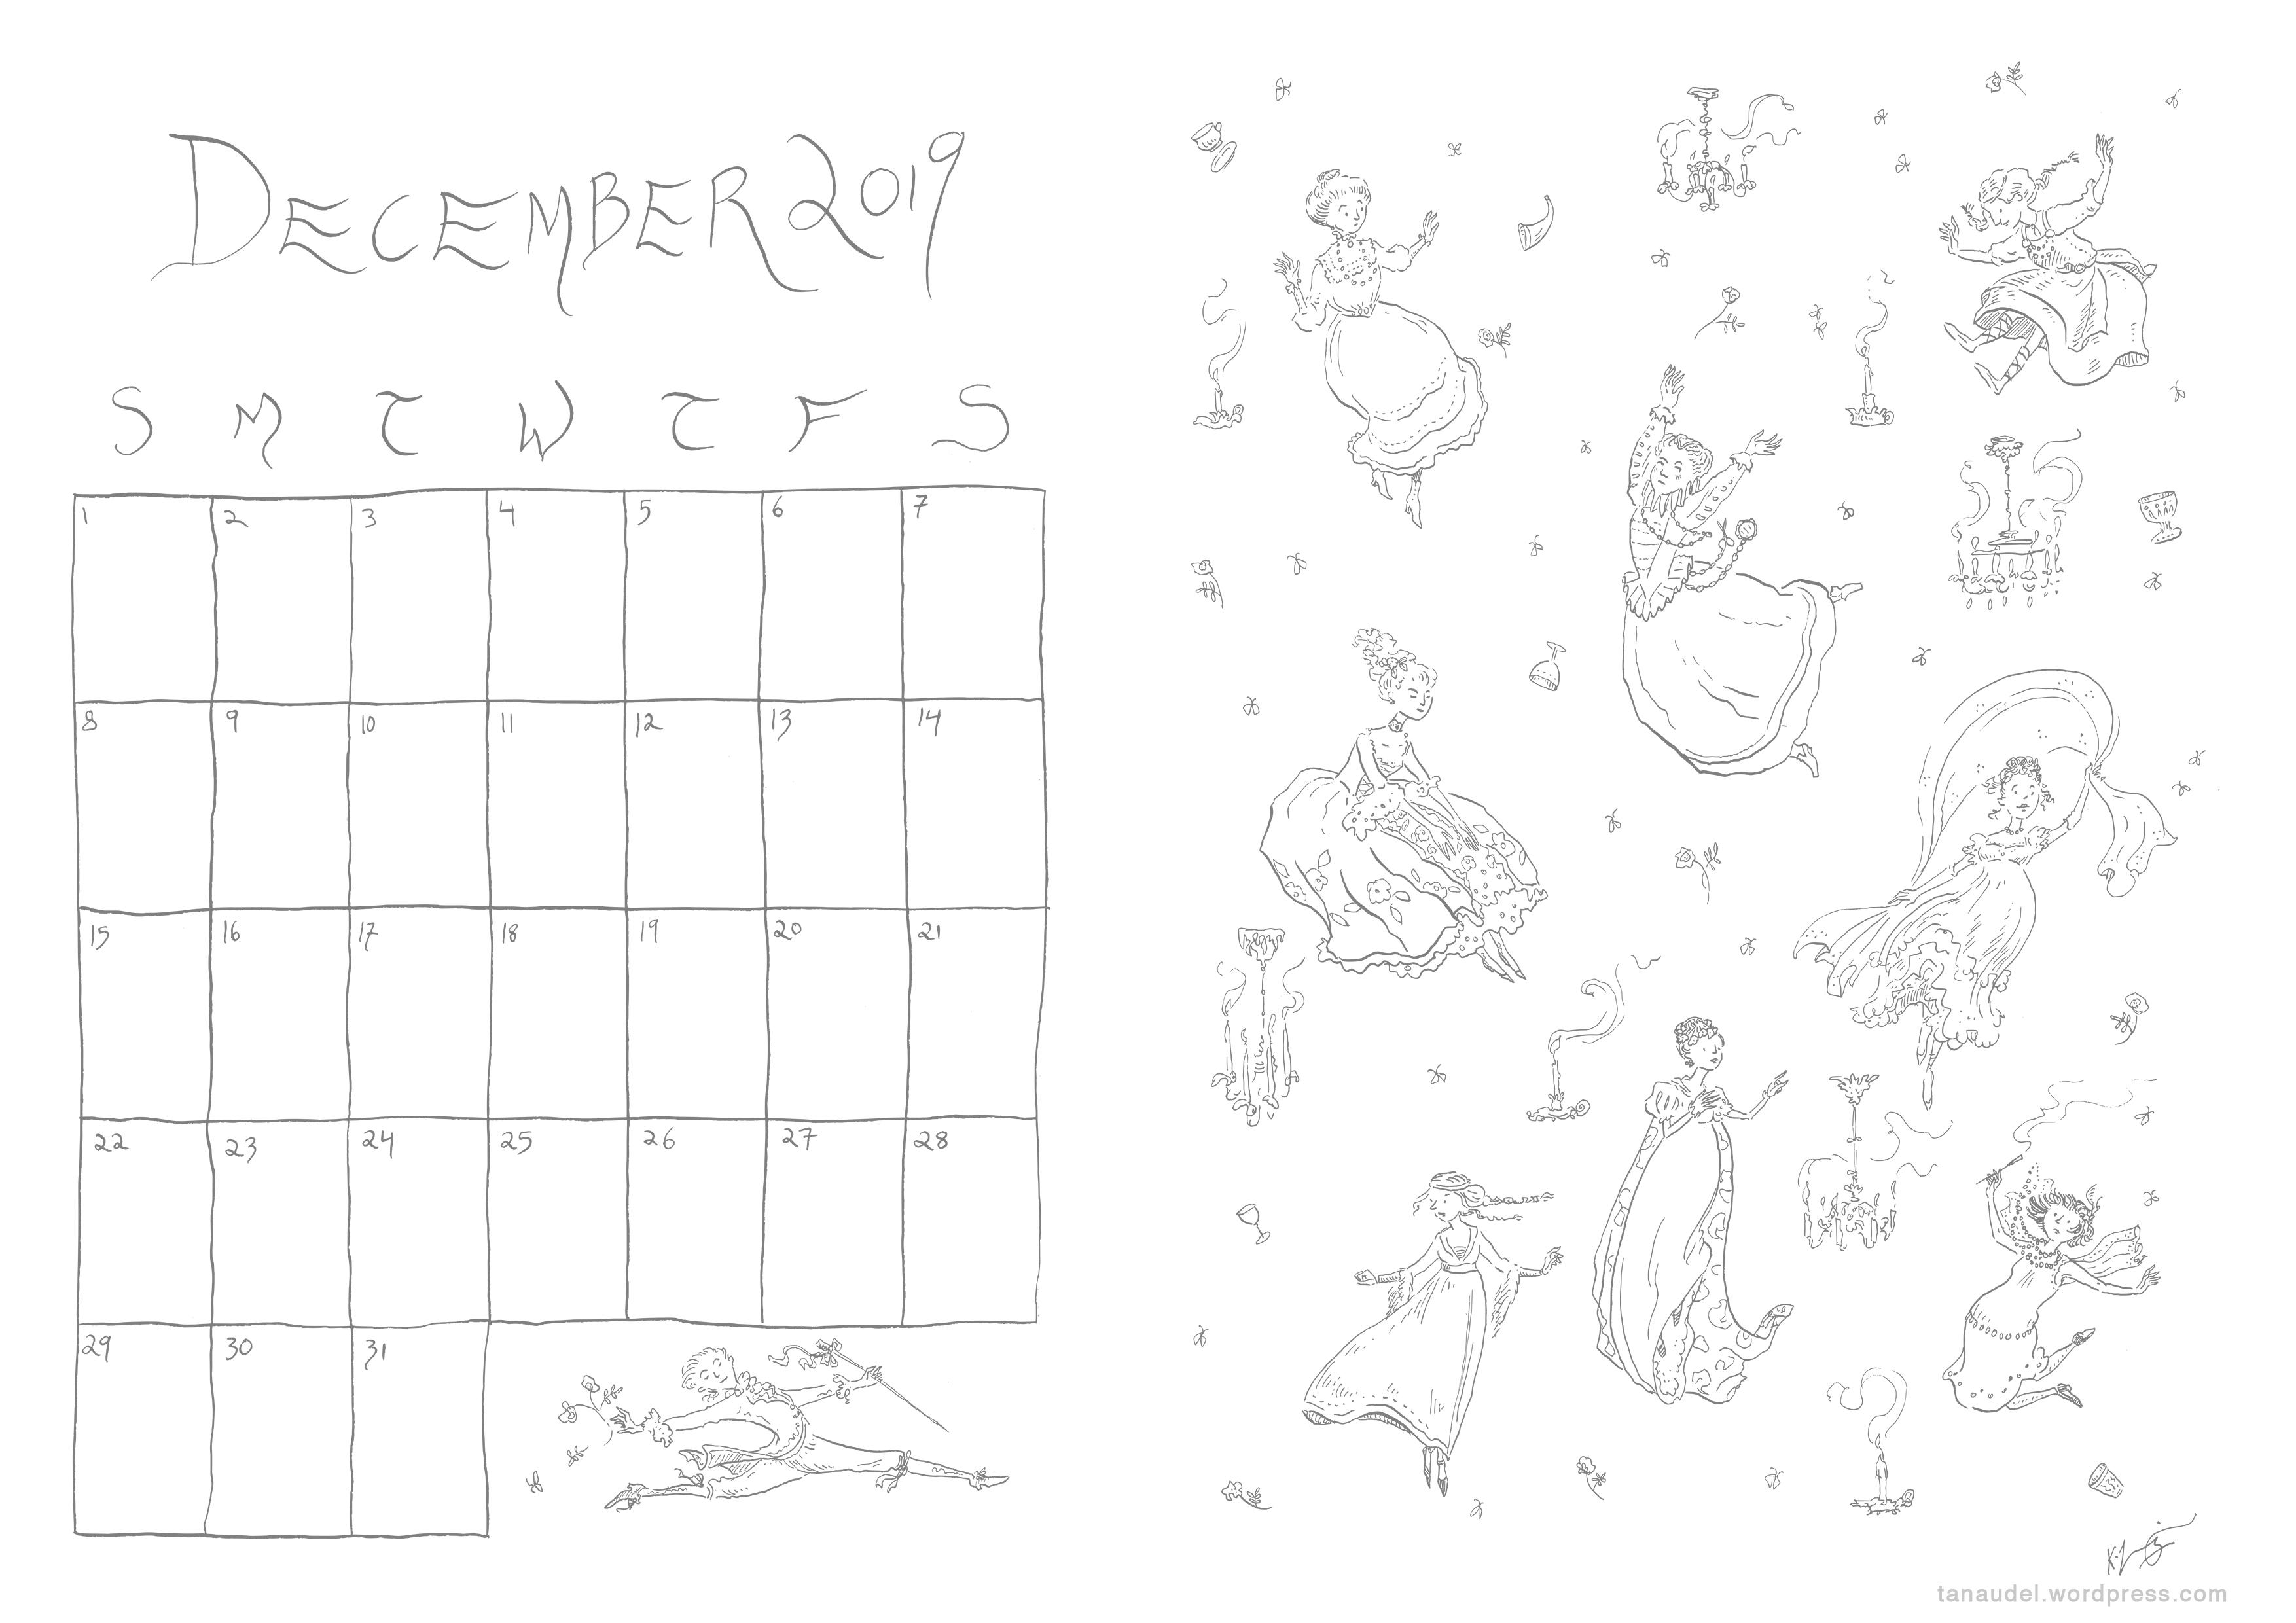 December calendar - Lines